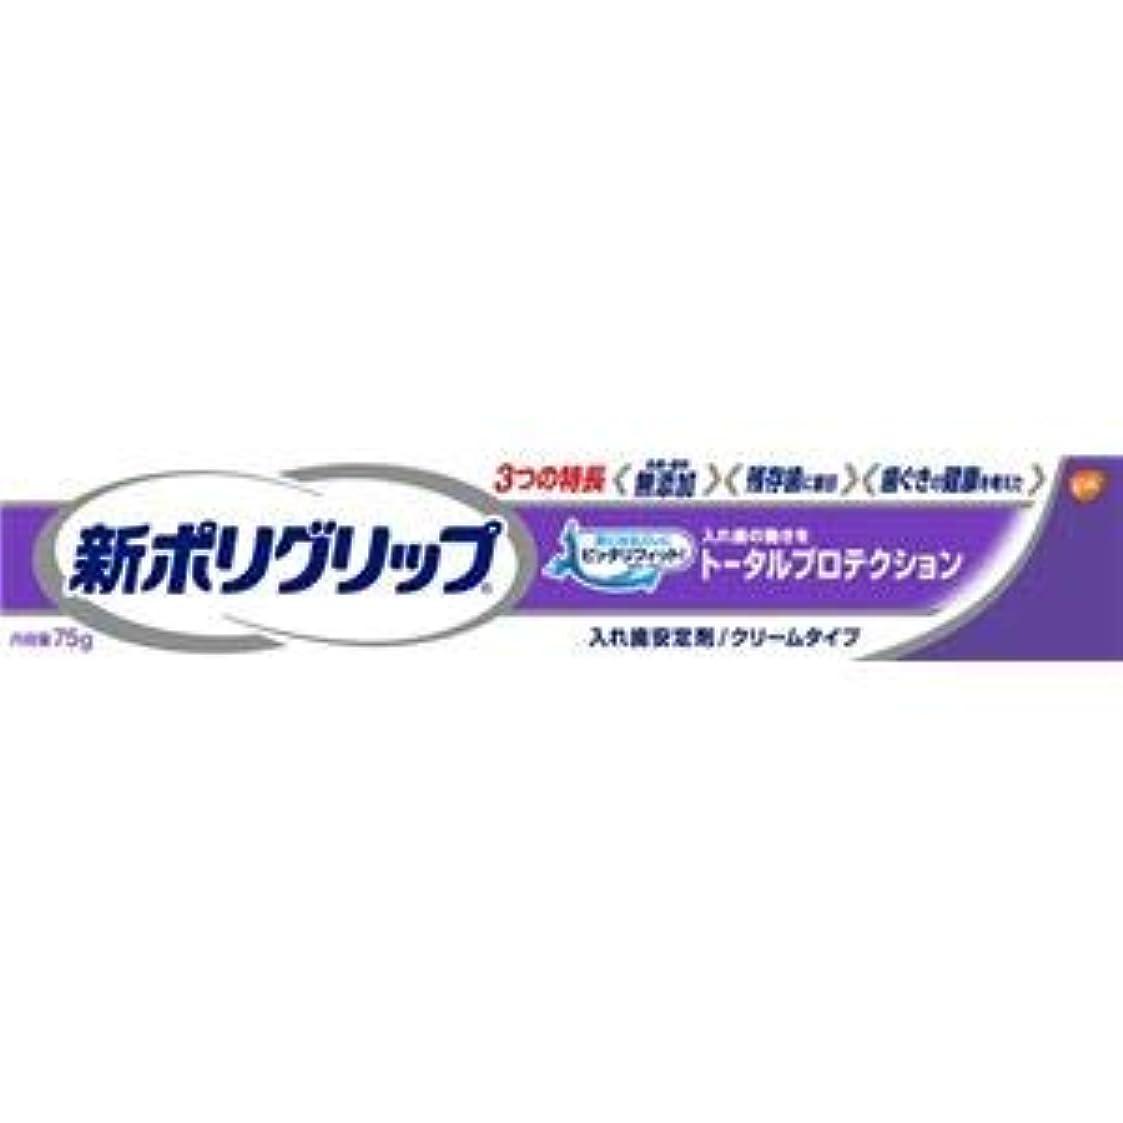 (まとめ)グラクソスミスクライン 新ポリグリップ トータルプロテクション 75g 【×6点セット】